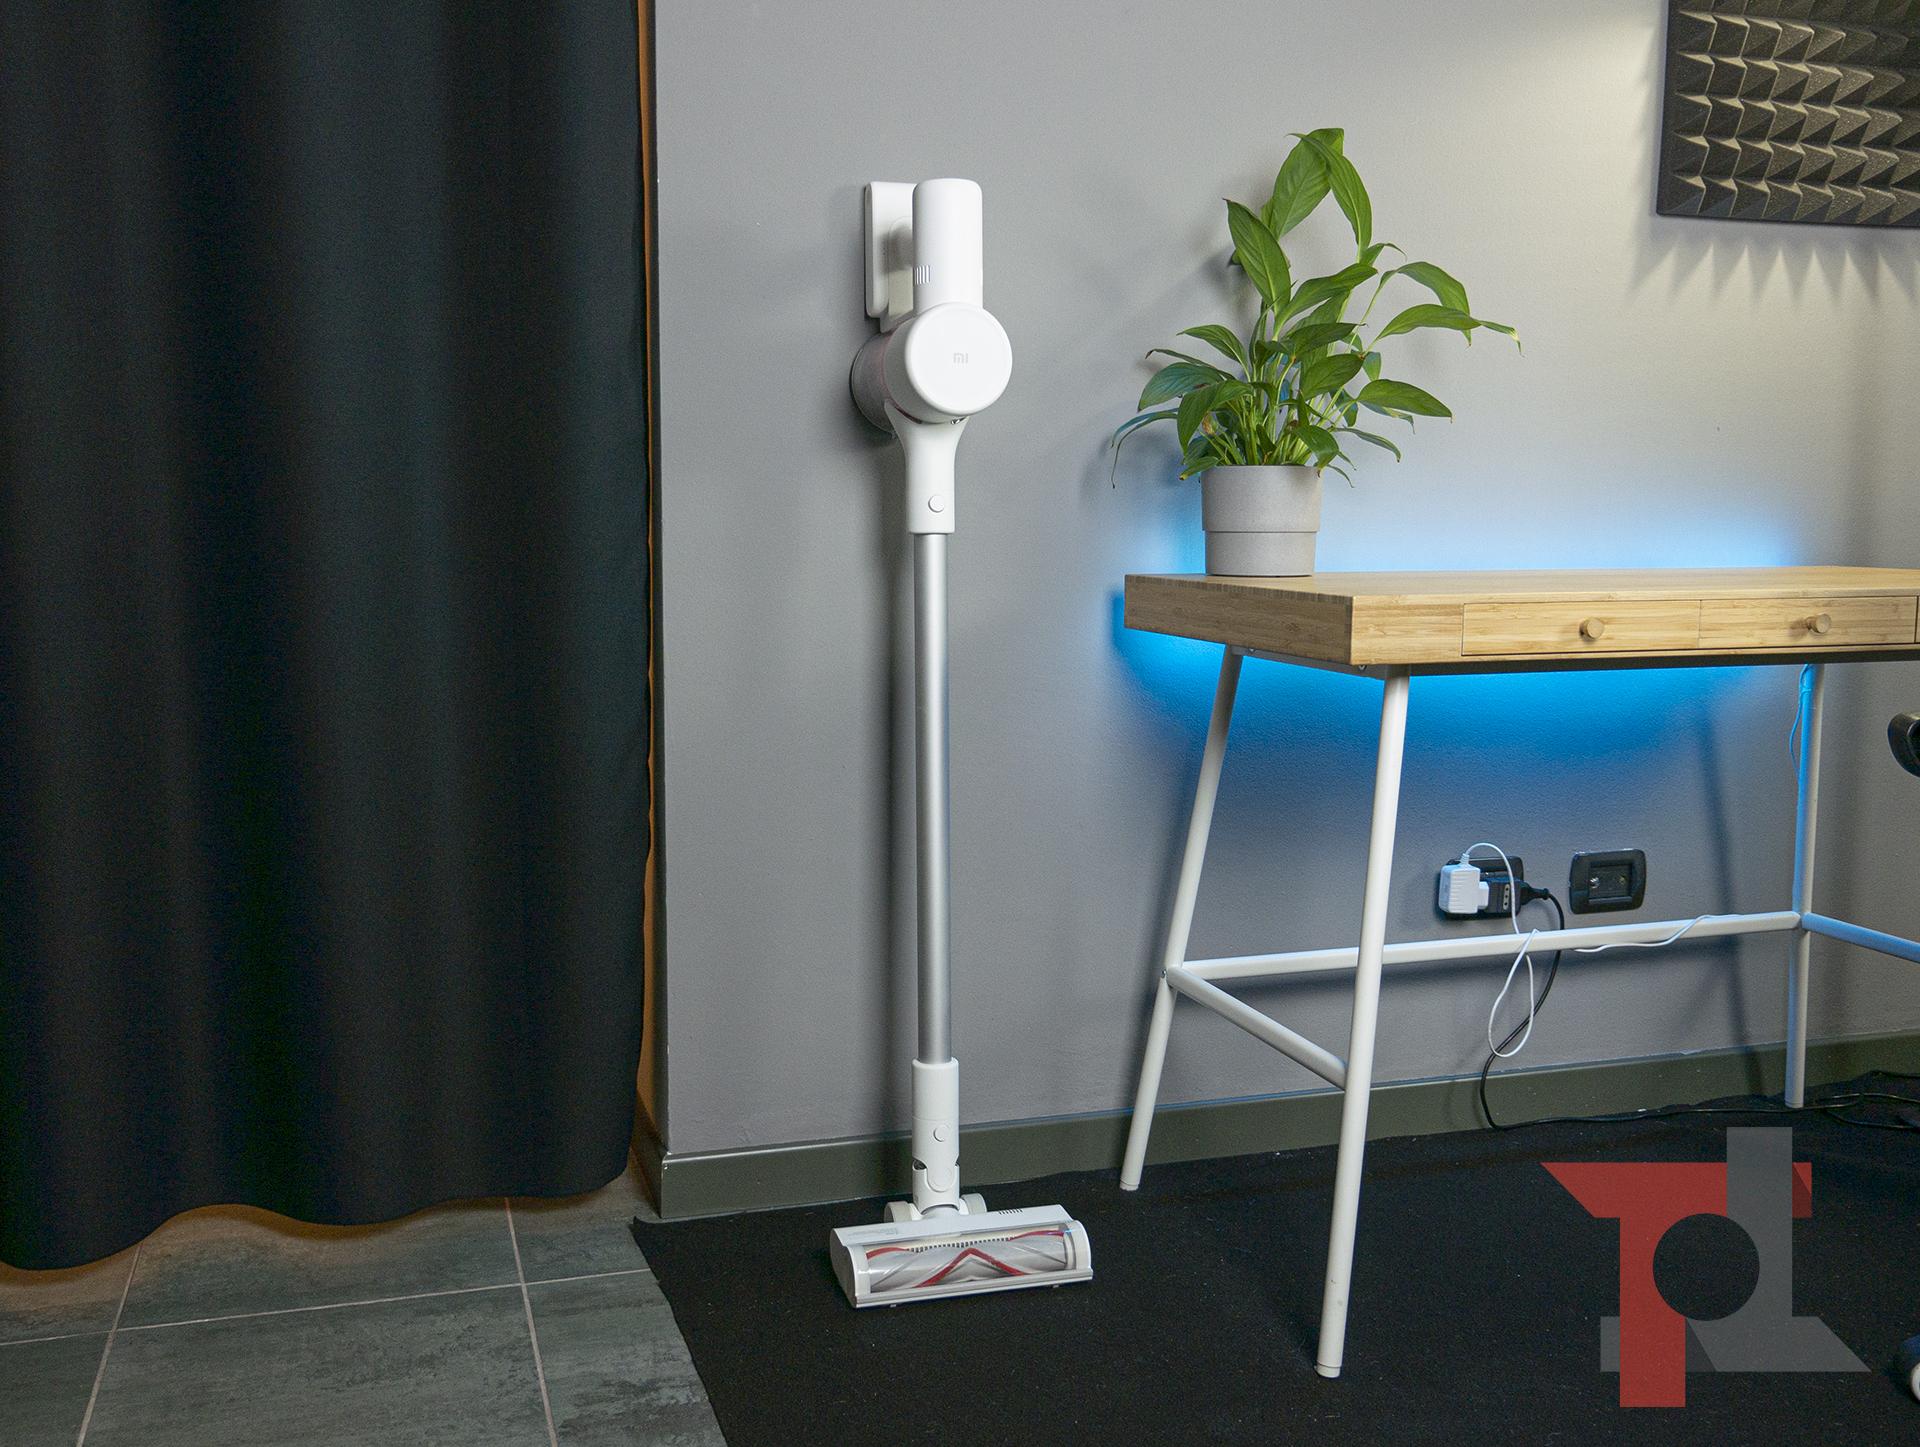 Ecco 4 gadget dall'ottimo rapporto qualità prezzo 2